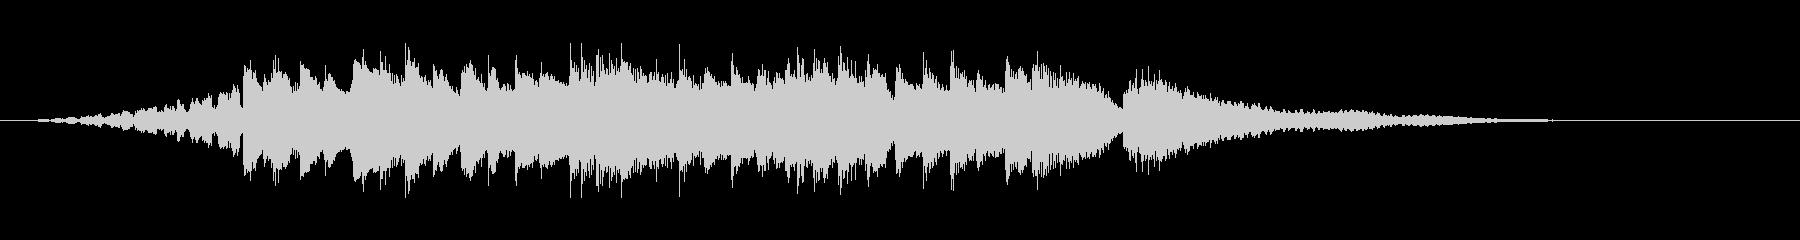 ピアノによる耳馴染みの良いジングルの未再生の波形